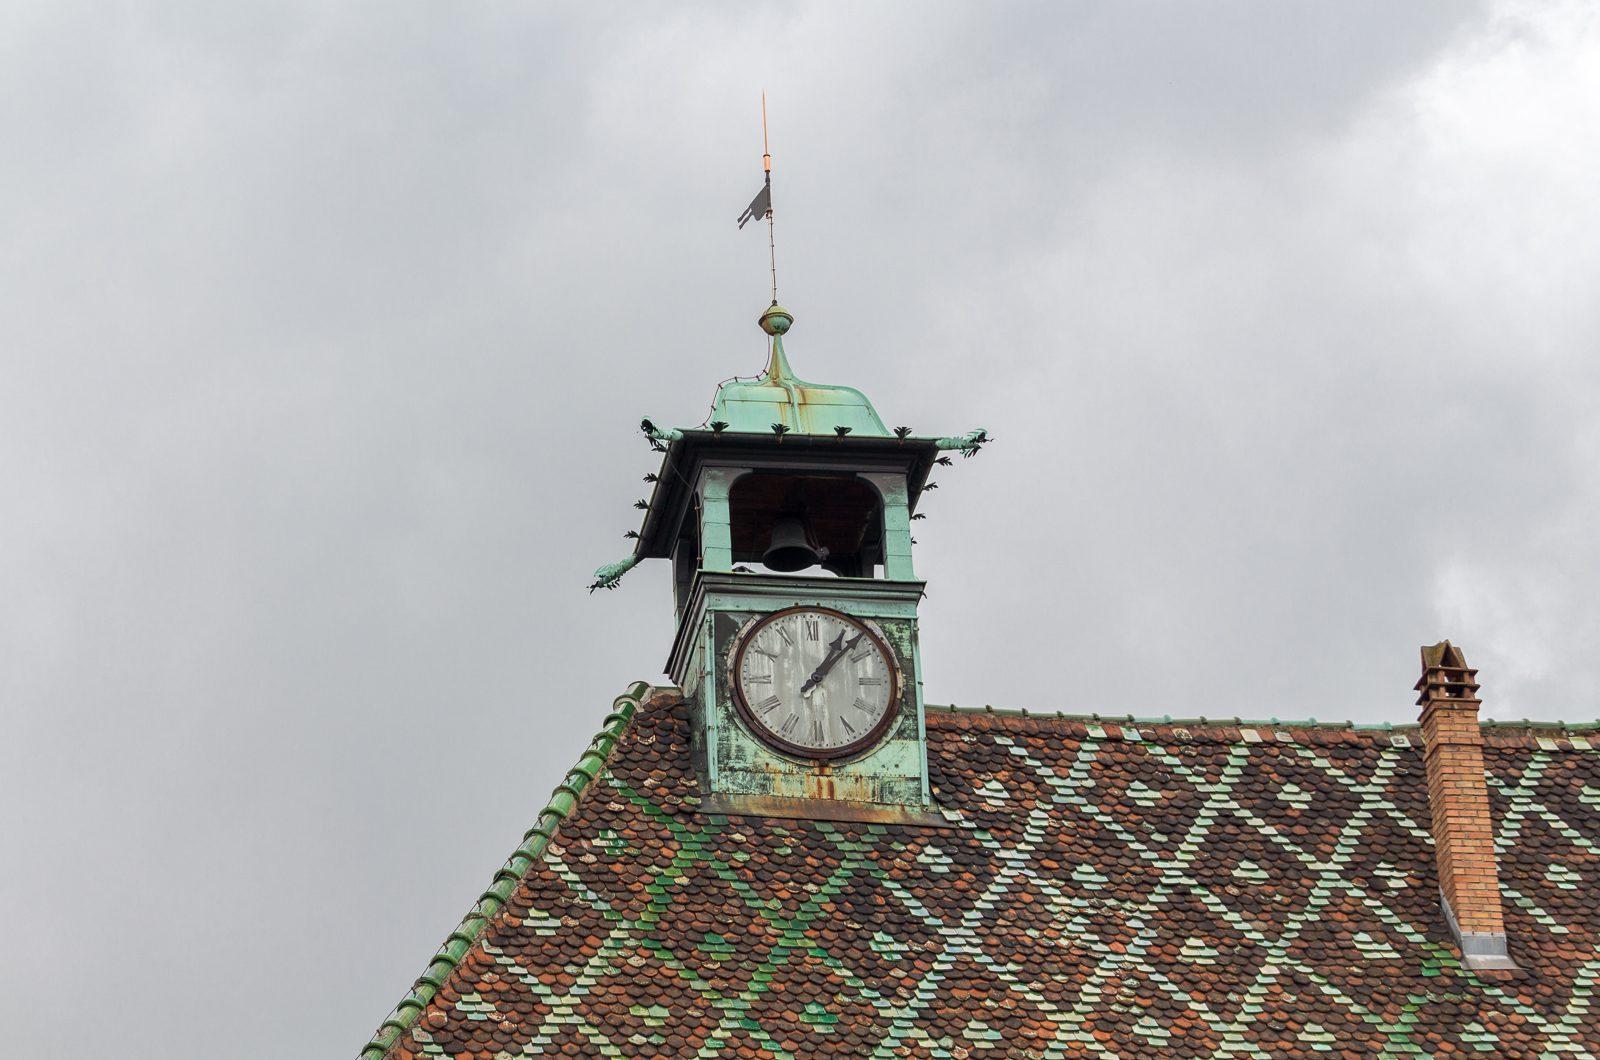 elsass_frankreich_colmar_vielweib_reiseblog-7122